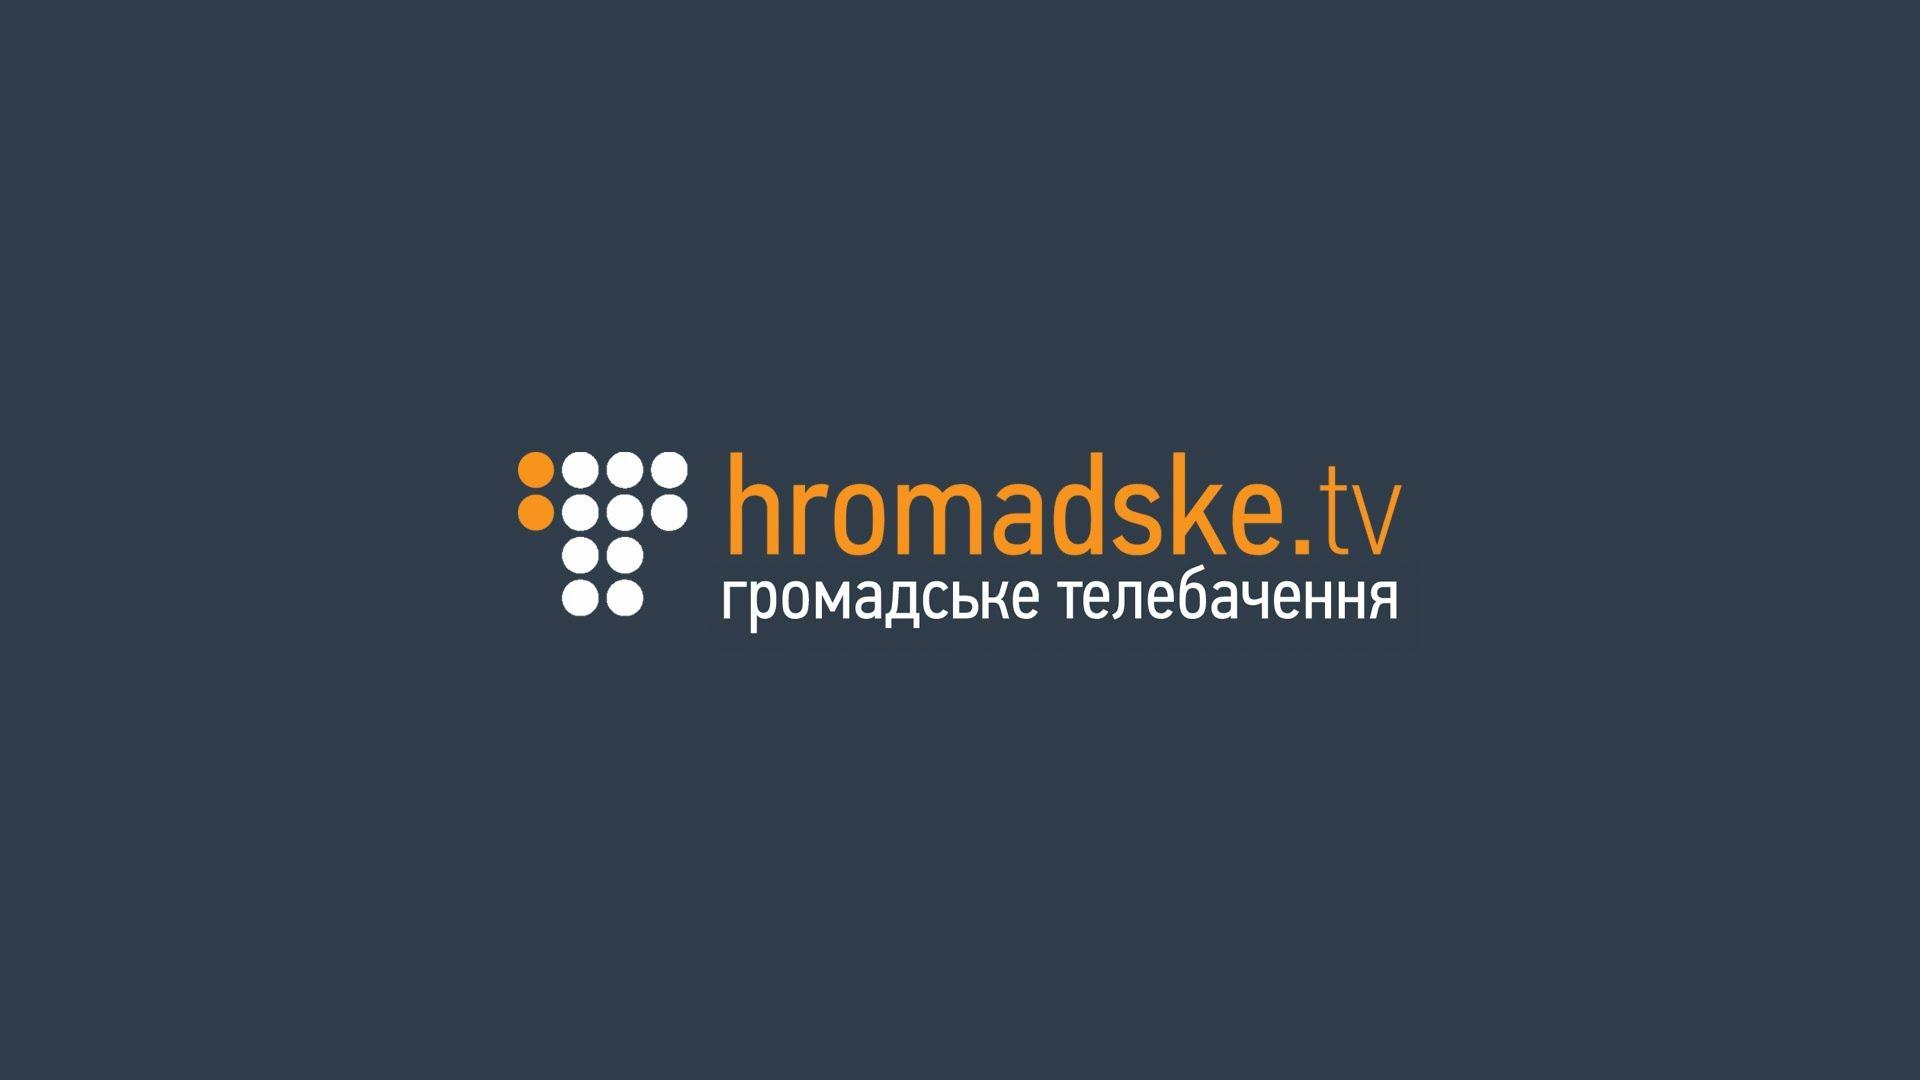 «Громадське» проиграло иск против Романа Скрыпина об отчуждении домена hromadske.tv